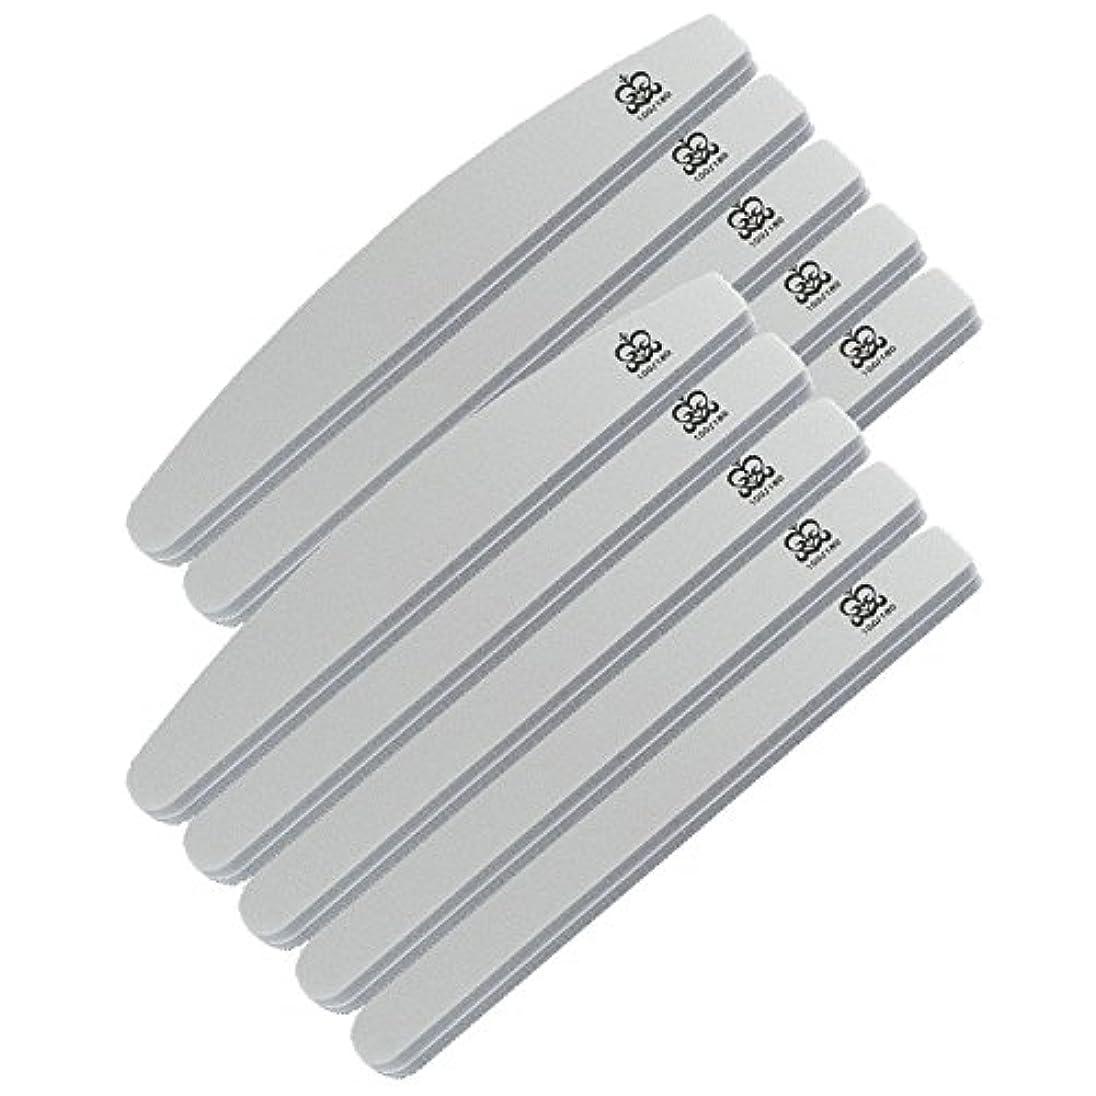 ミクレア(MICREA) ミクレア プロフェッショナルスポンジファイル バリューパック ムーン型 100/180 10本入